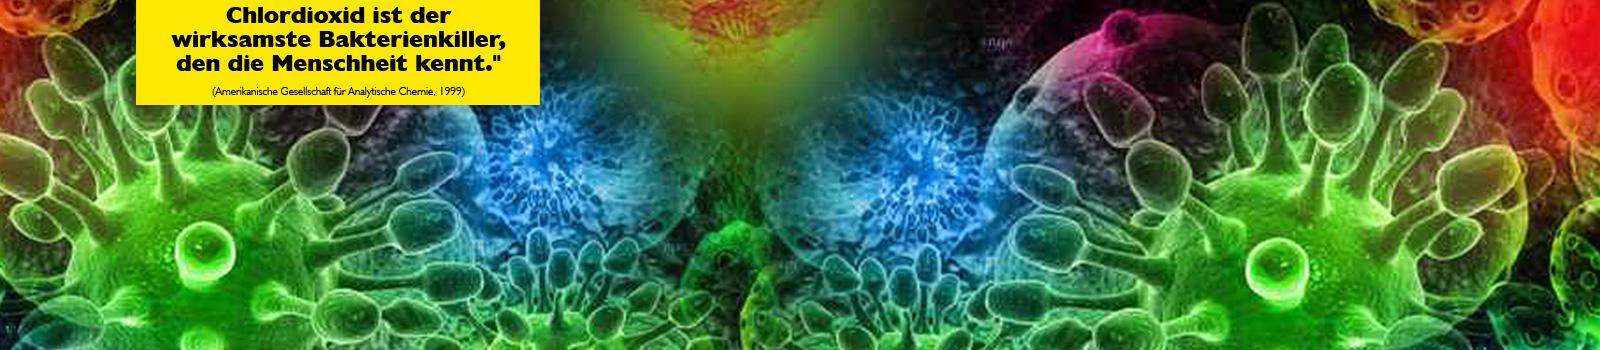 Chlordioxid, SoloCLEAR CDL - CDS kaufen Sie hier. Chlordioxid weltweit tausendfach erprobt & sicher gegen Mikroben, Viren, Pilze